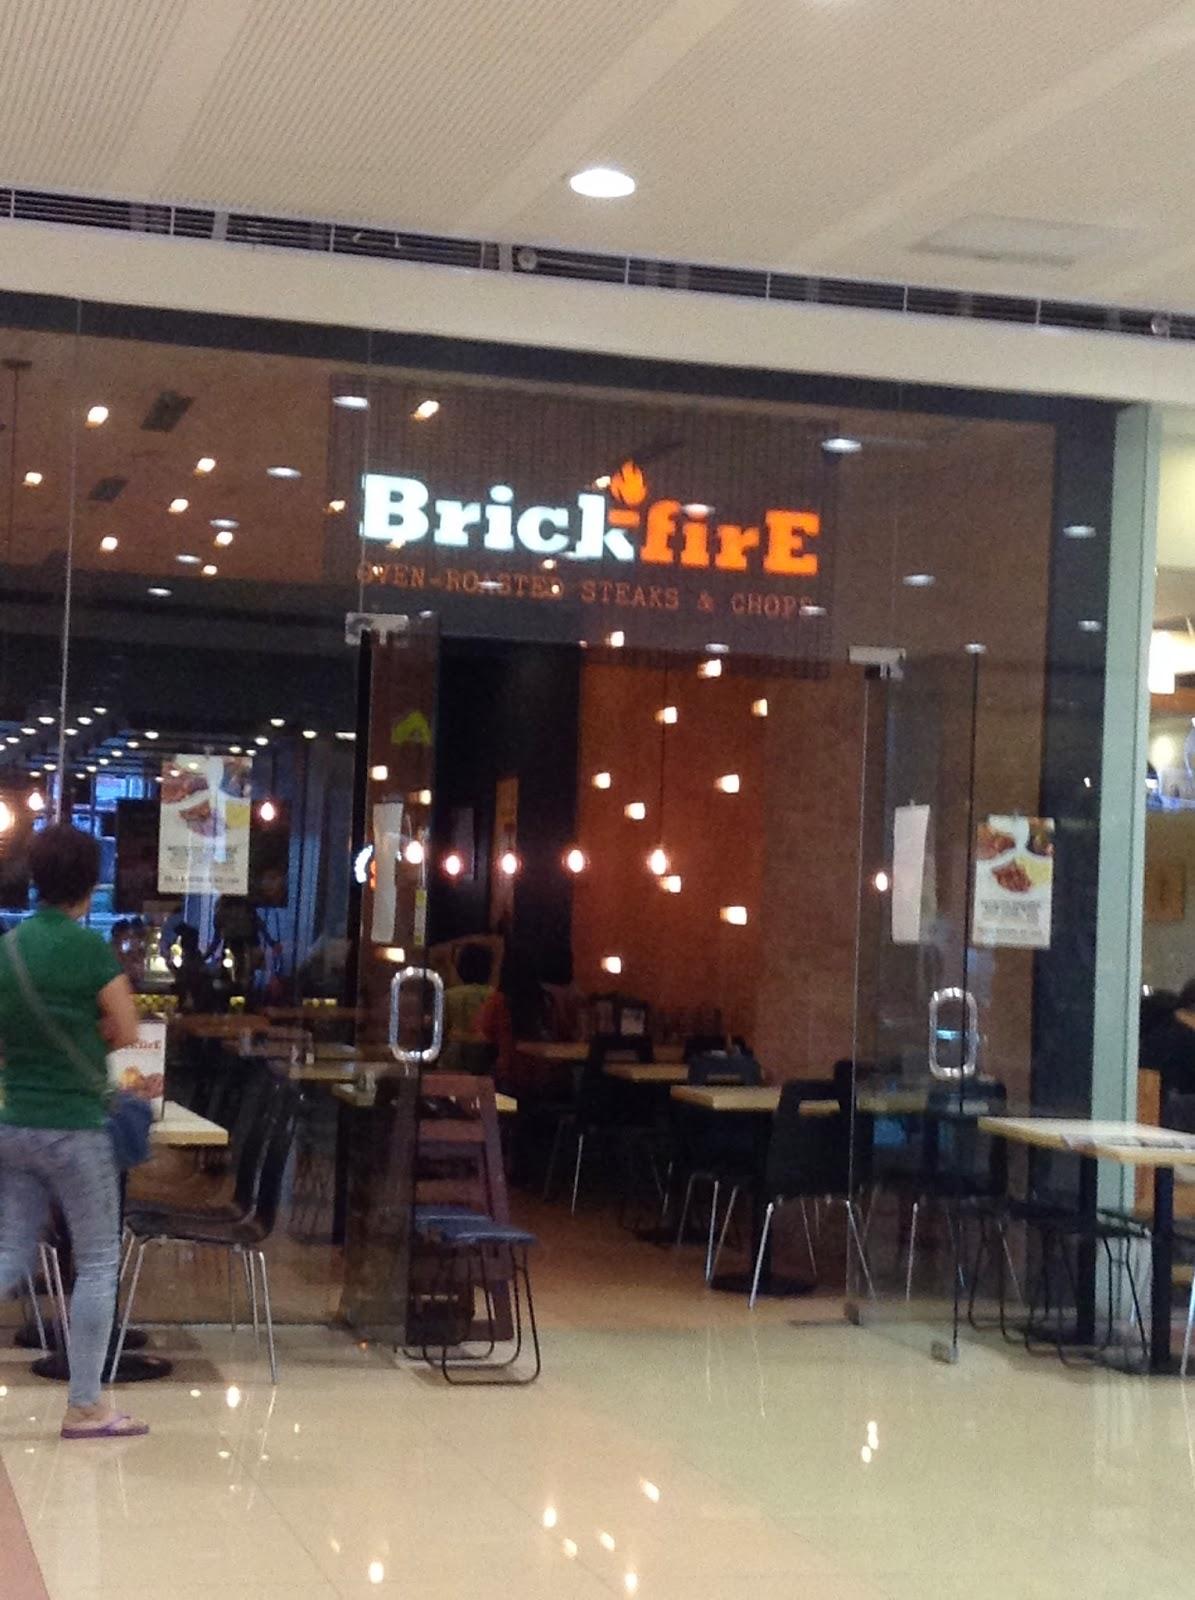 Brickfire storefront